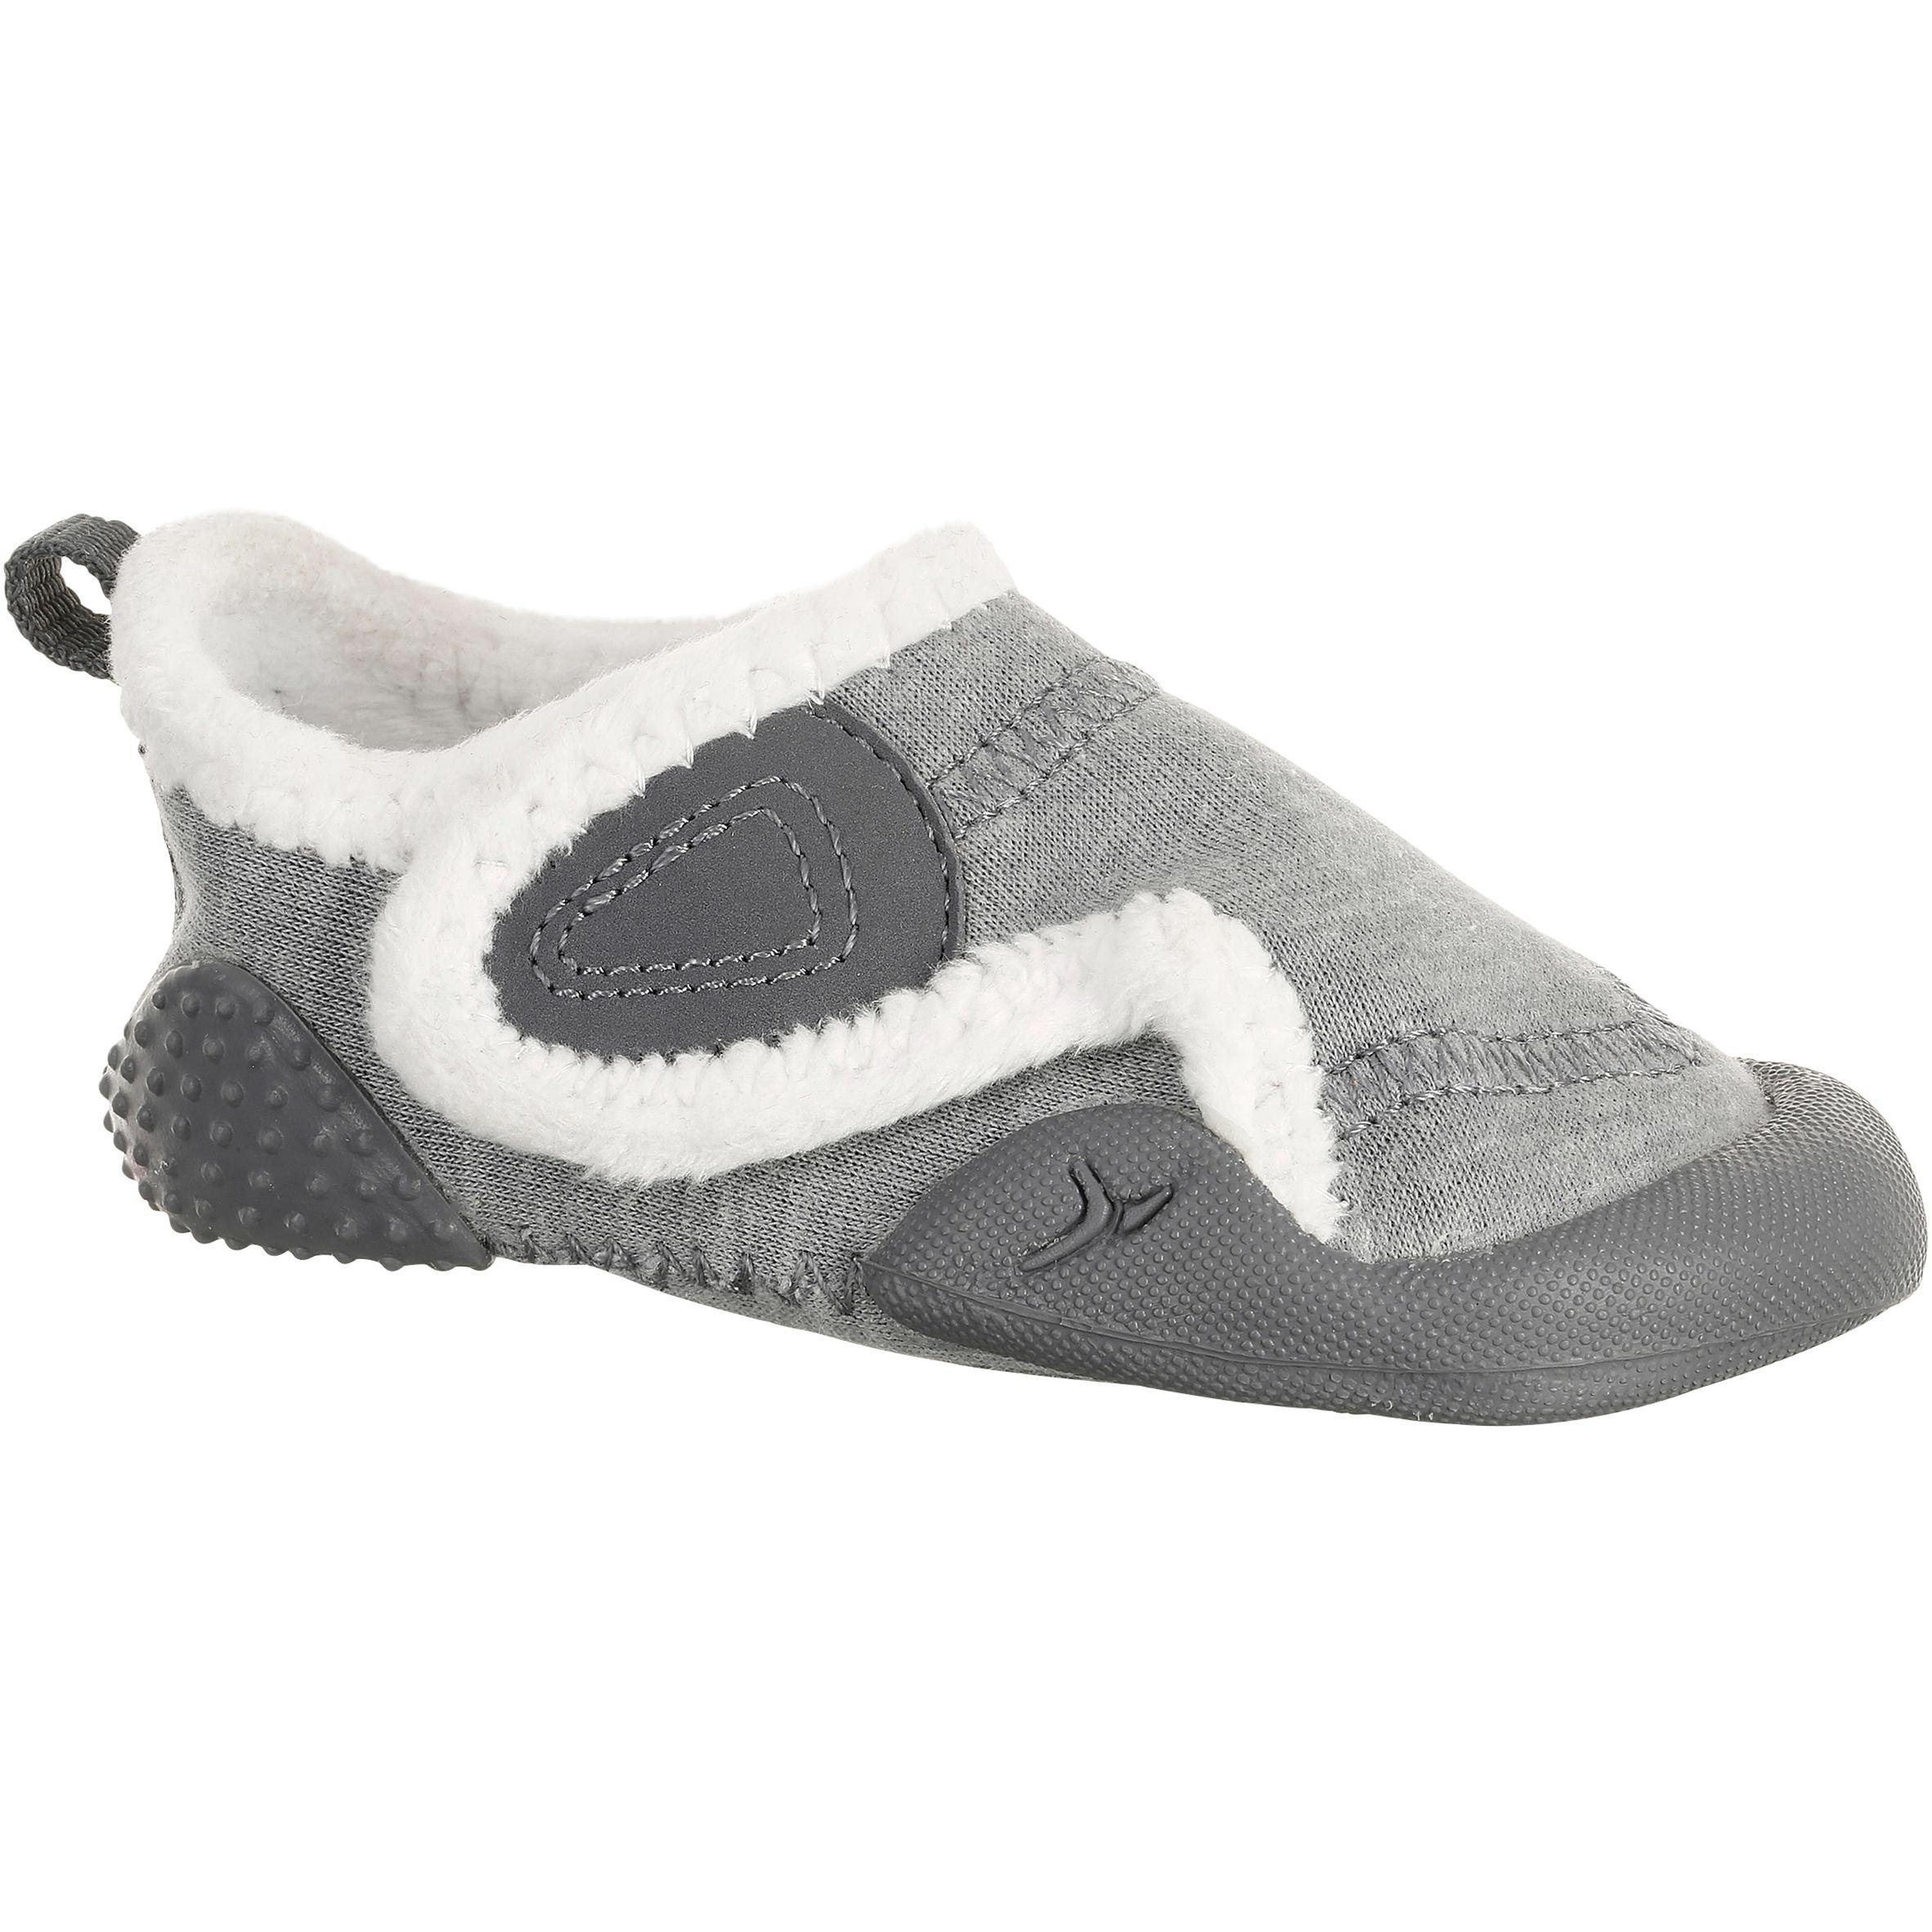 Gymschoentjes Babylight gevoerd, gemêleerd grijs-wit